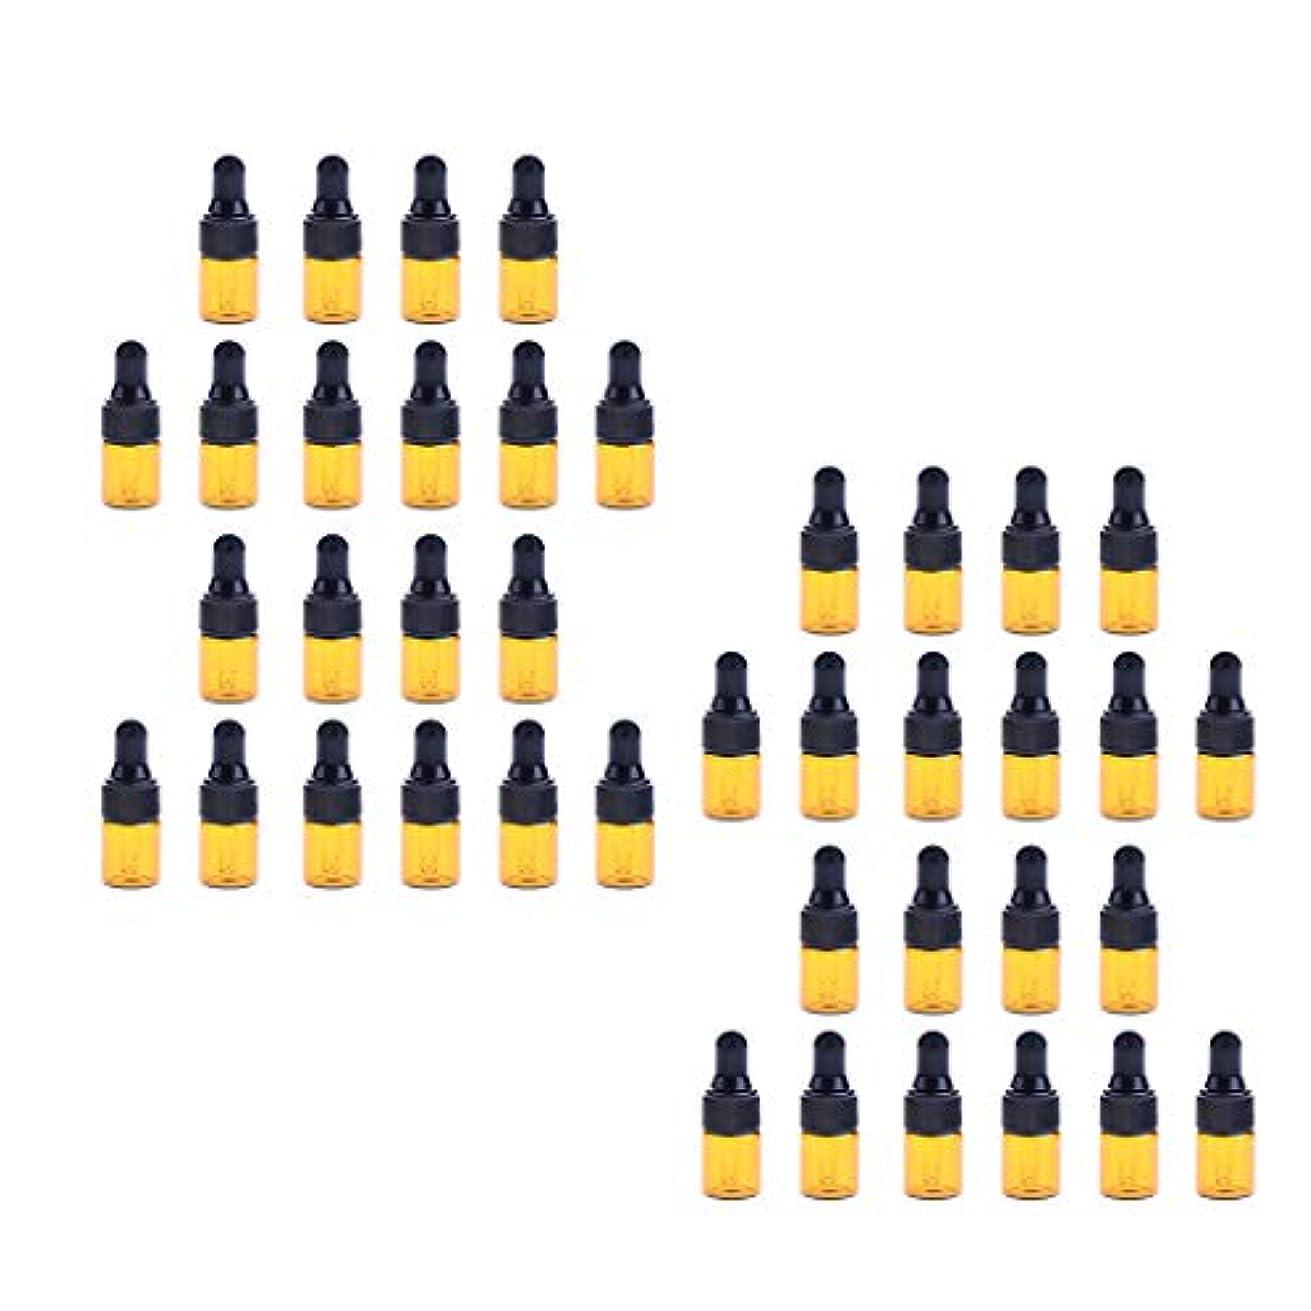 置き場ファイナンスオペラ空ボトル ドロッパーボトル スポイトボトル 精油 エッセンシャルオイル 保存容器 1/2ml 約40個